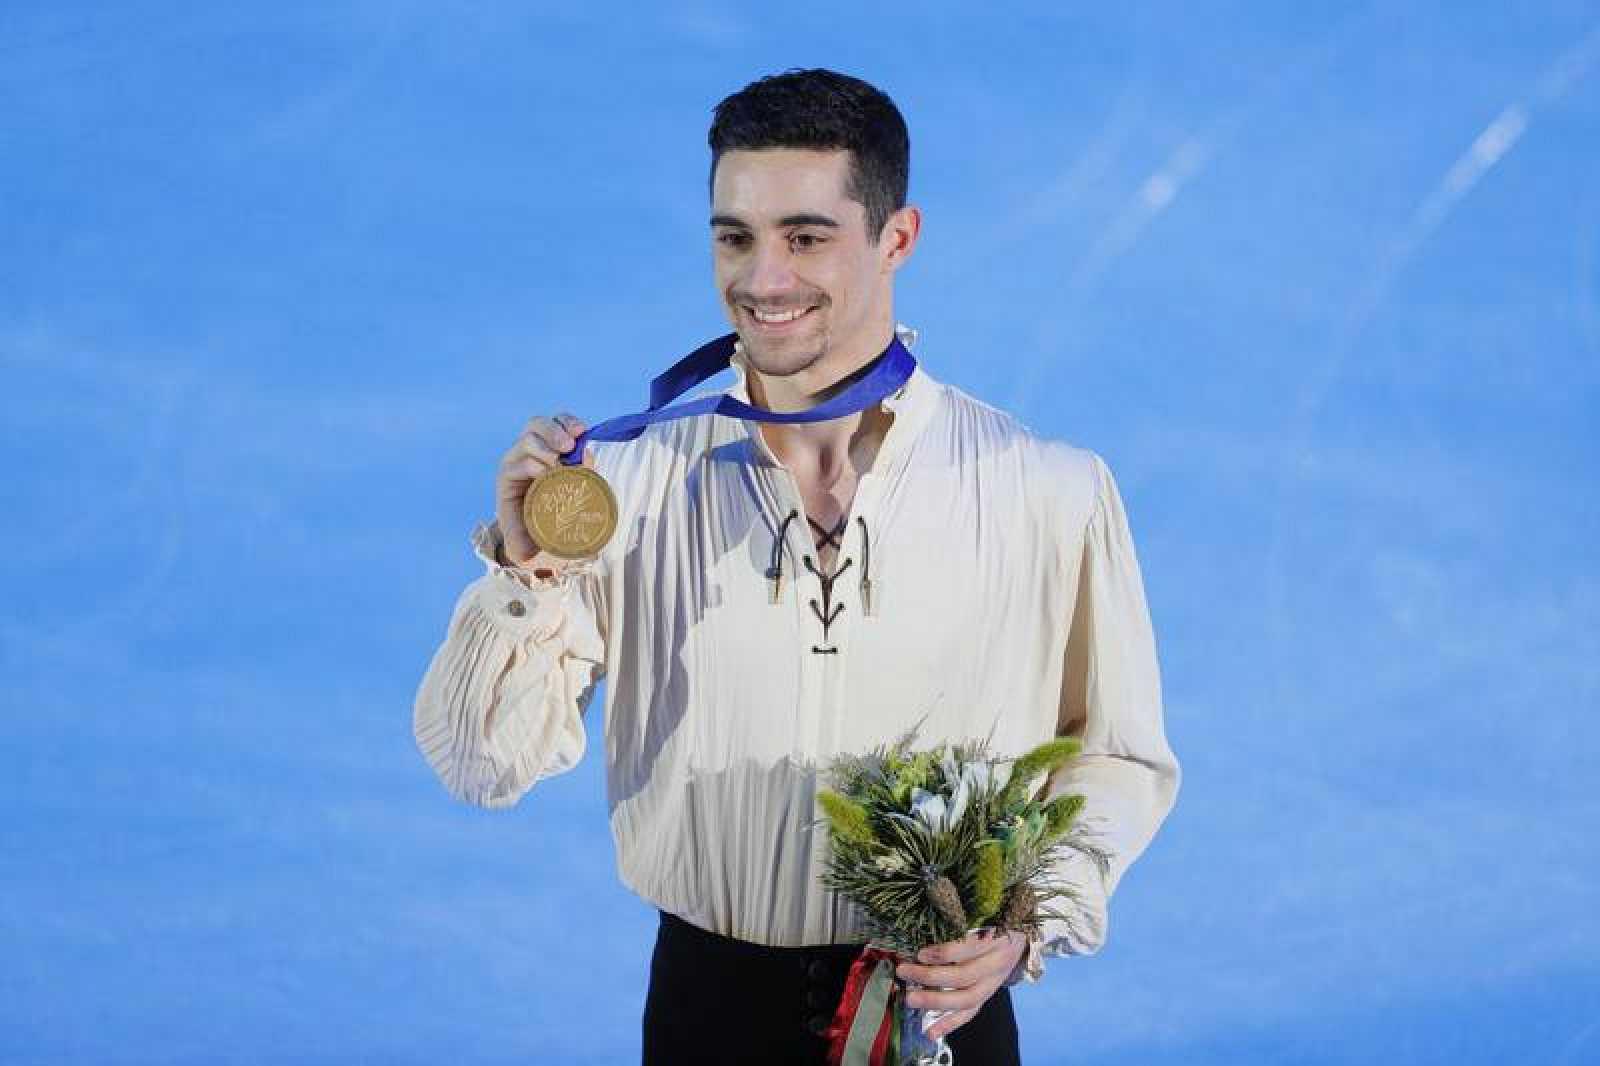 Campeonatos de Europa de patinaje artístico